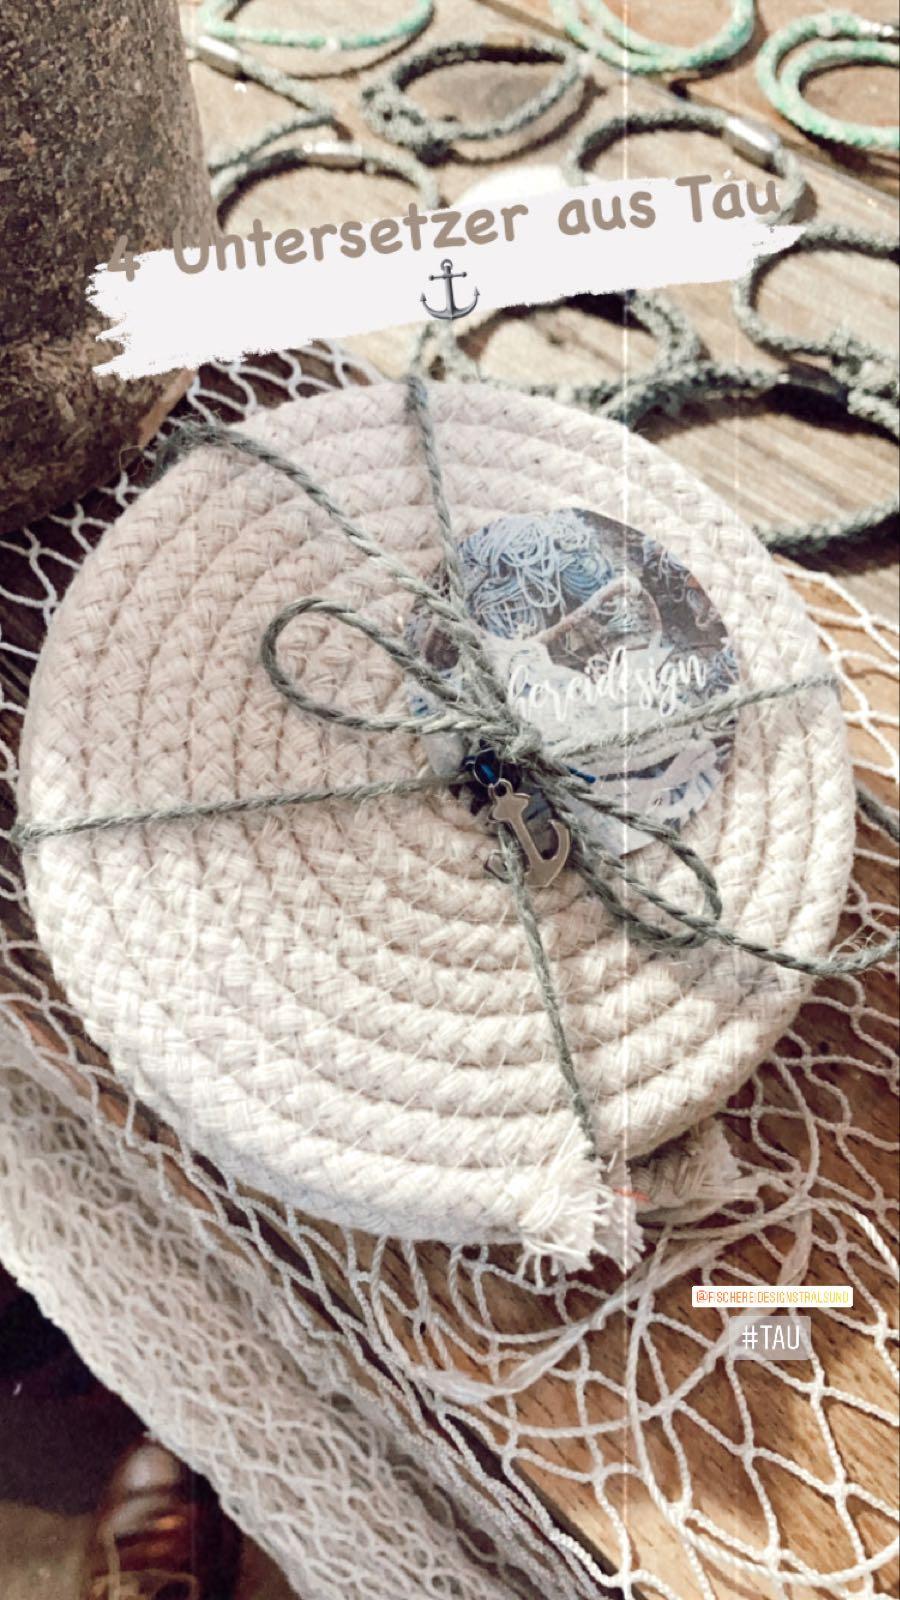 Fischereidesign Untersetzer aus Tau